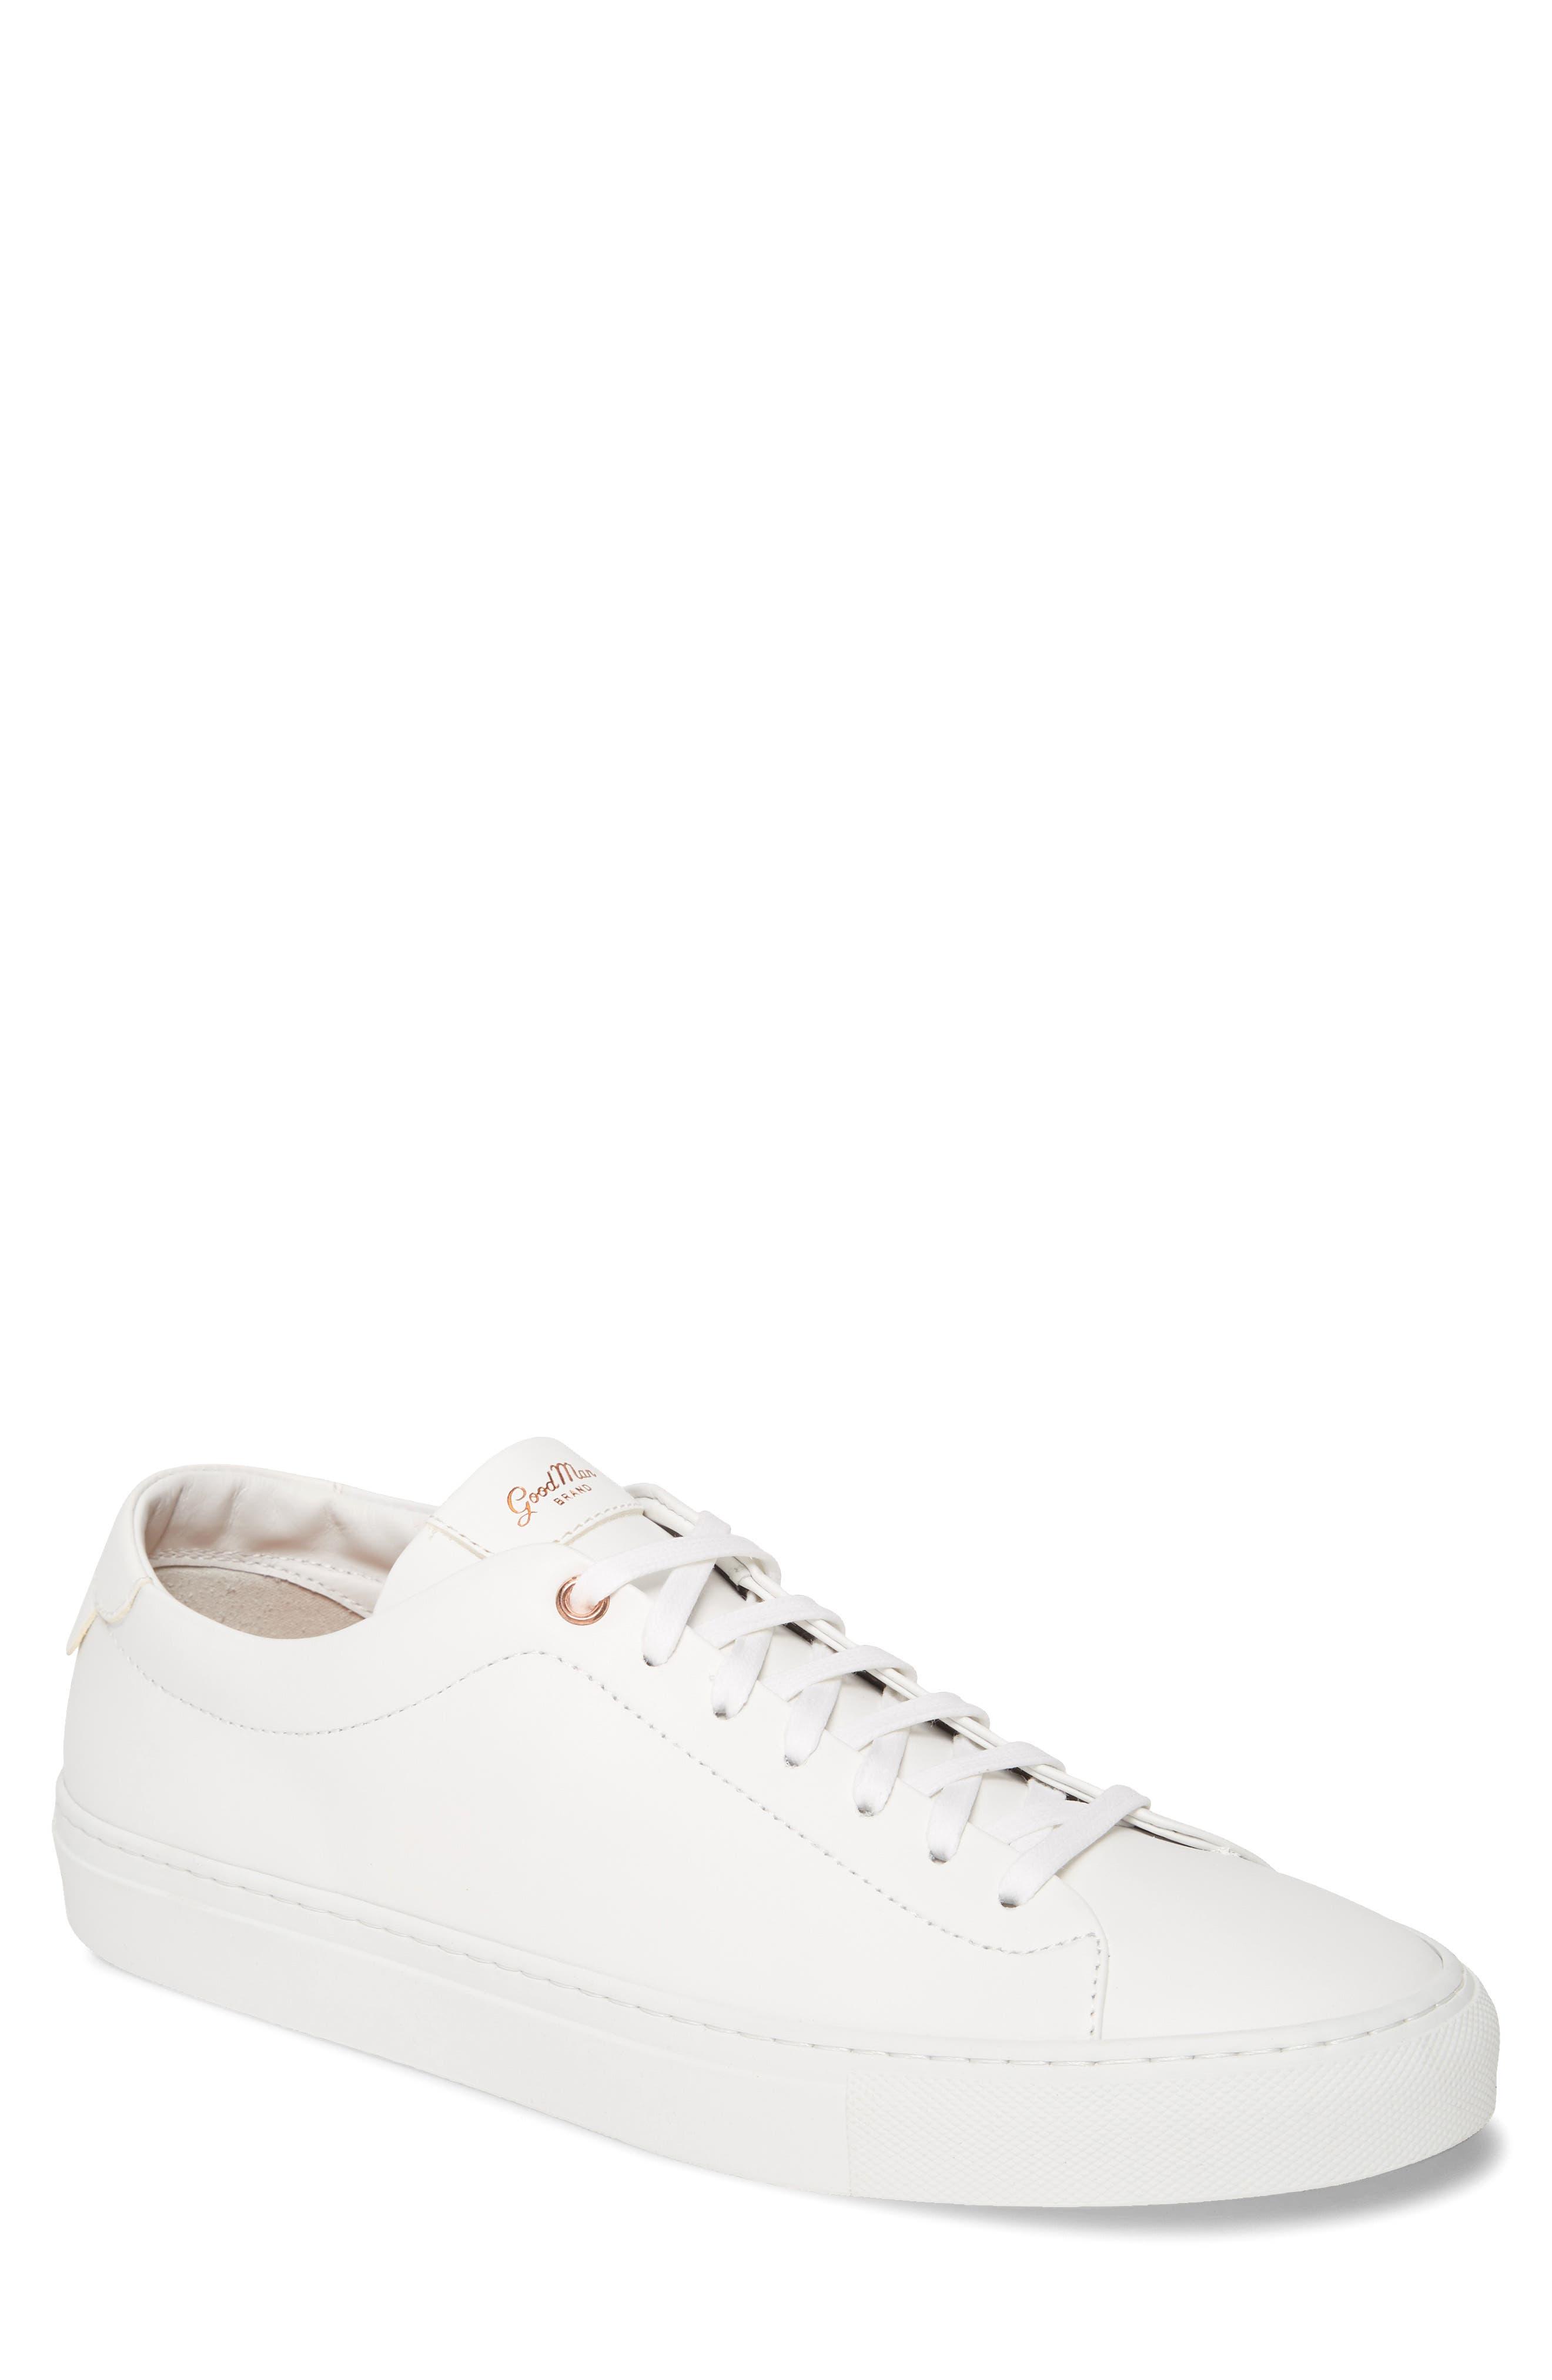 Men's All-White Sneakers | Nordstrom